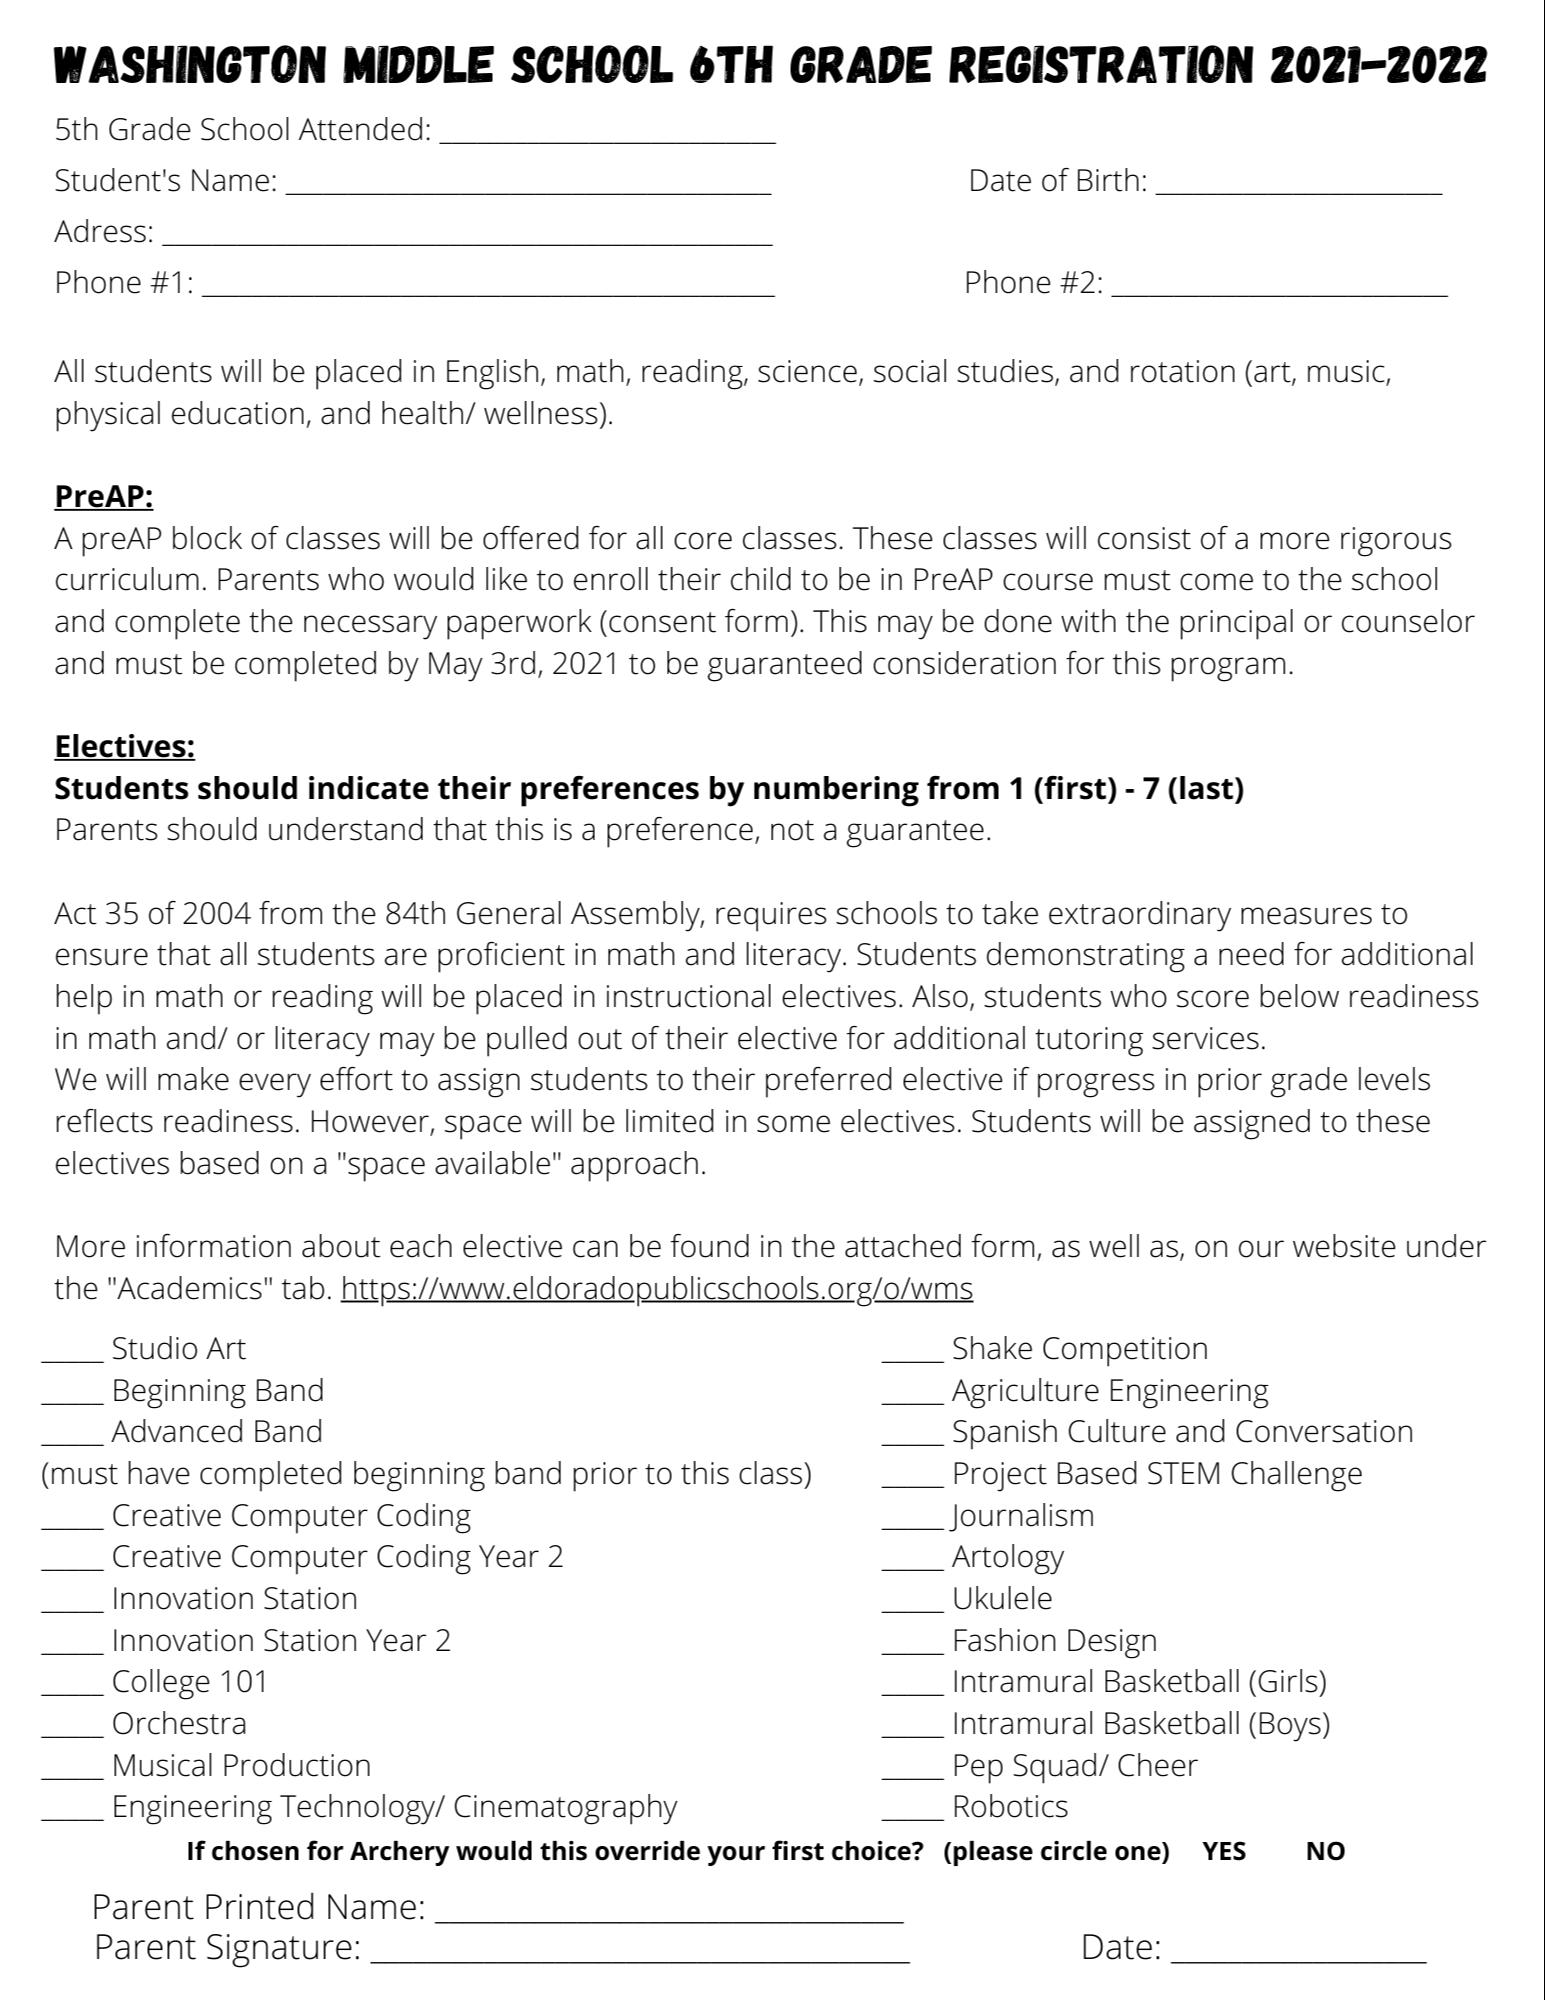 6th Grade Registration Form